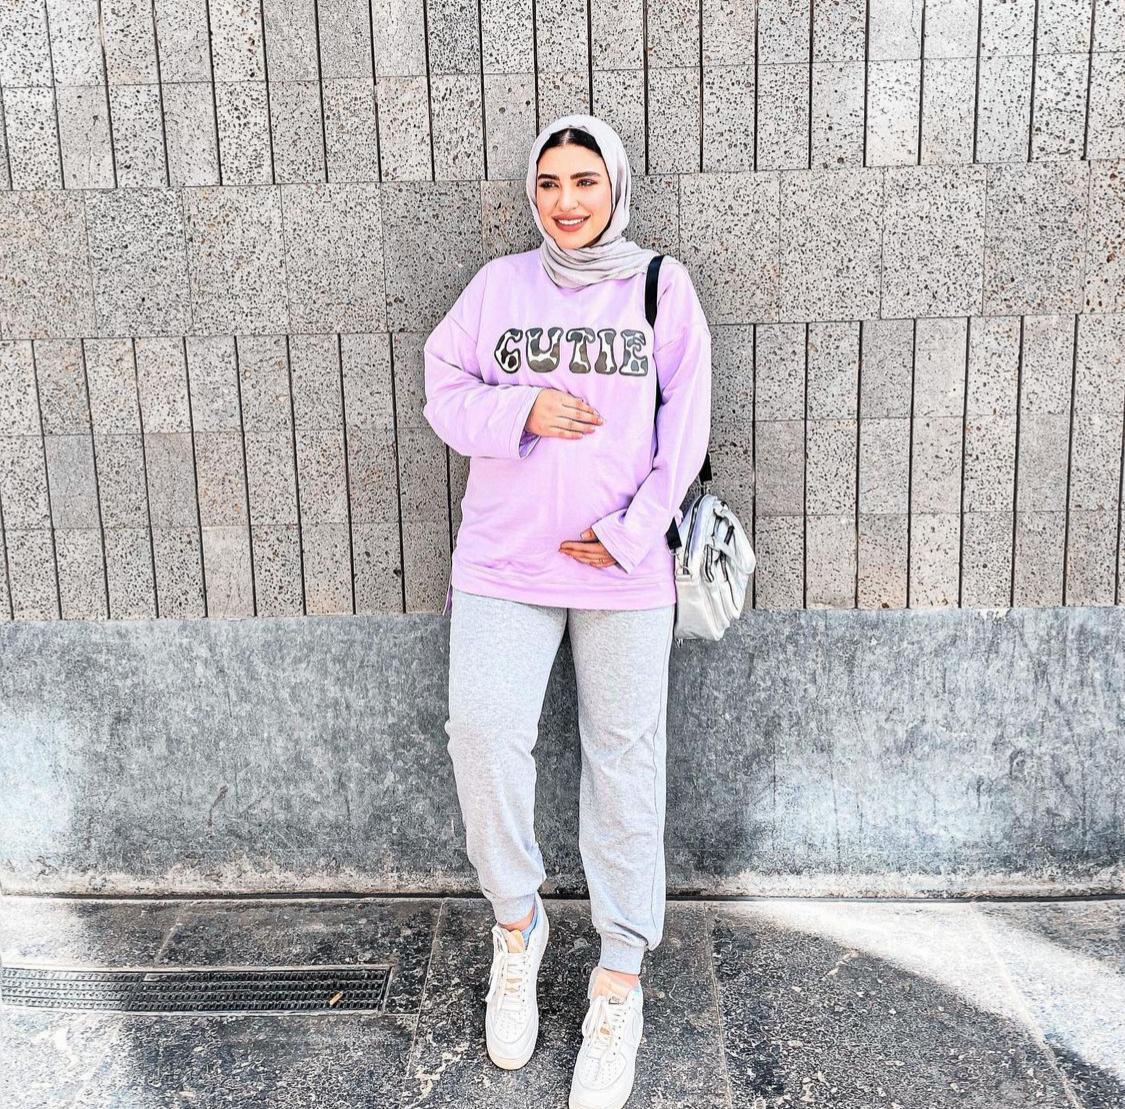 7 دينا رزق بإطلالة مناسبة للحوامل -الصورة من حسابها على الانستغرام